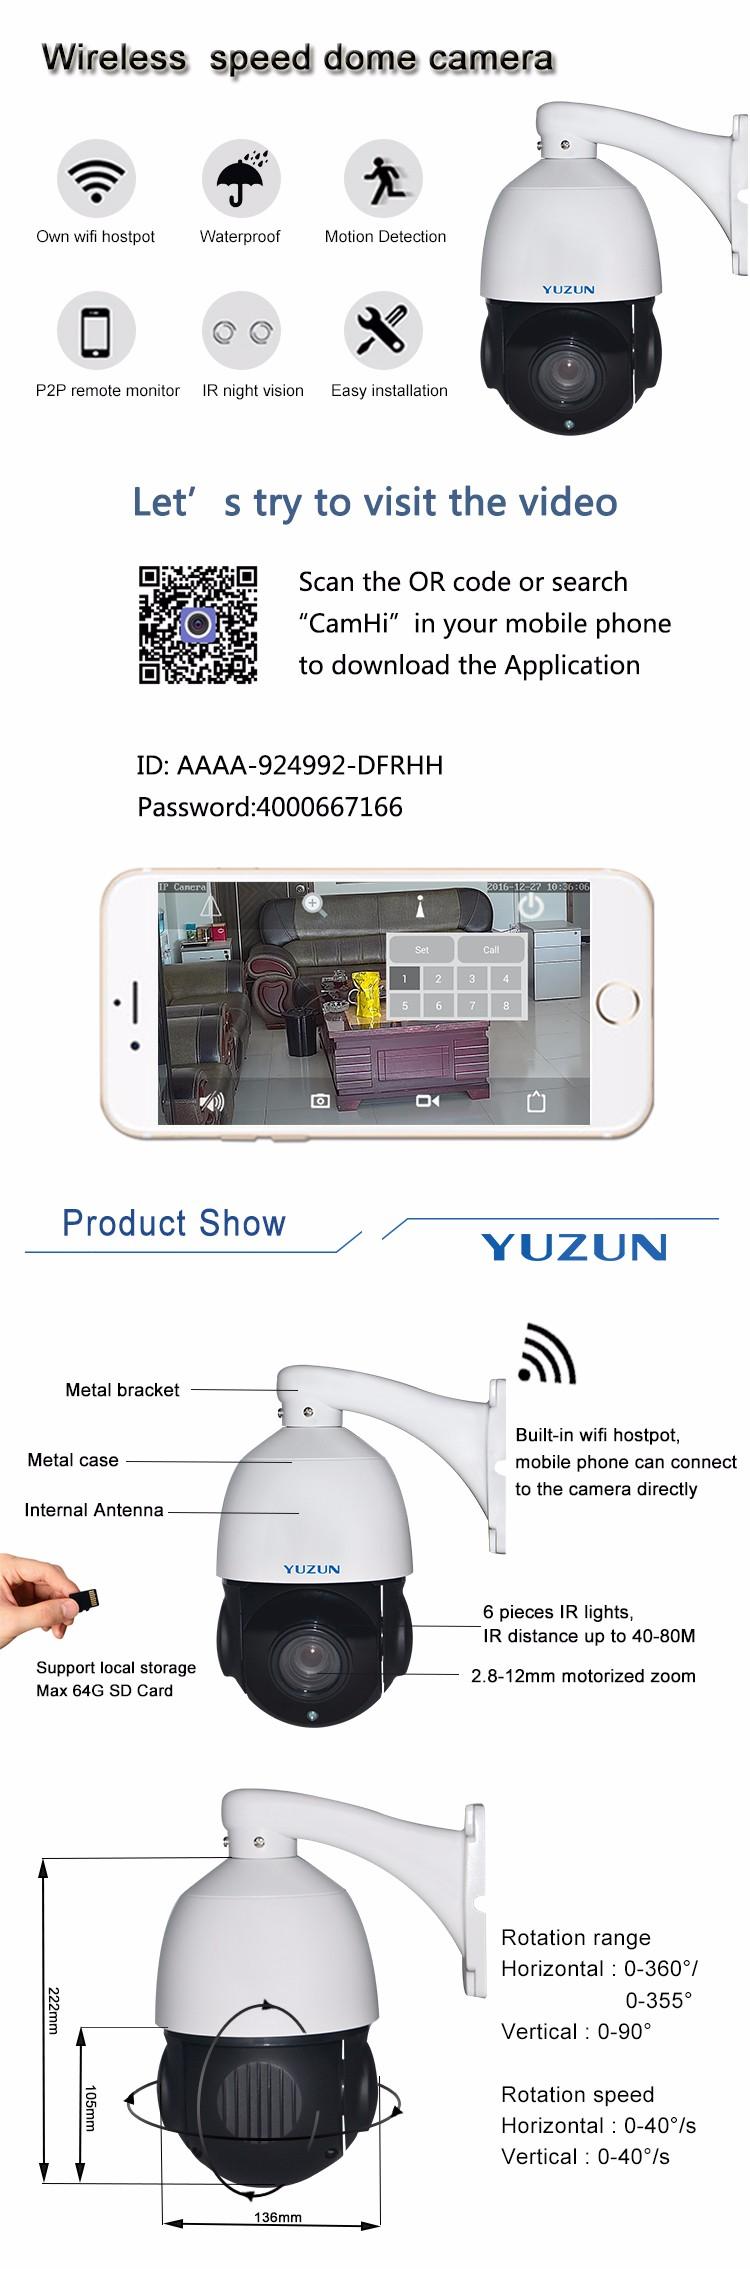 H 264 Outdoor 2 Megapixel Wifi Ir Ptz Ip Camera With Wifi Hotspot - Buy  H 264 Ptz Wifi Ip Camera,2 Megapixel Wifi Ir Ptz Ip Camera,Outdoor Wifi Ptz